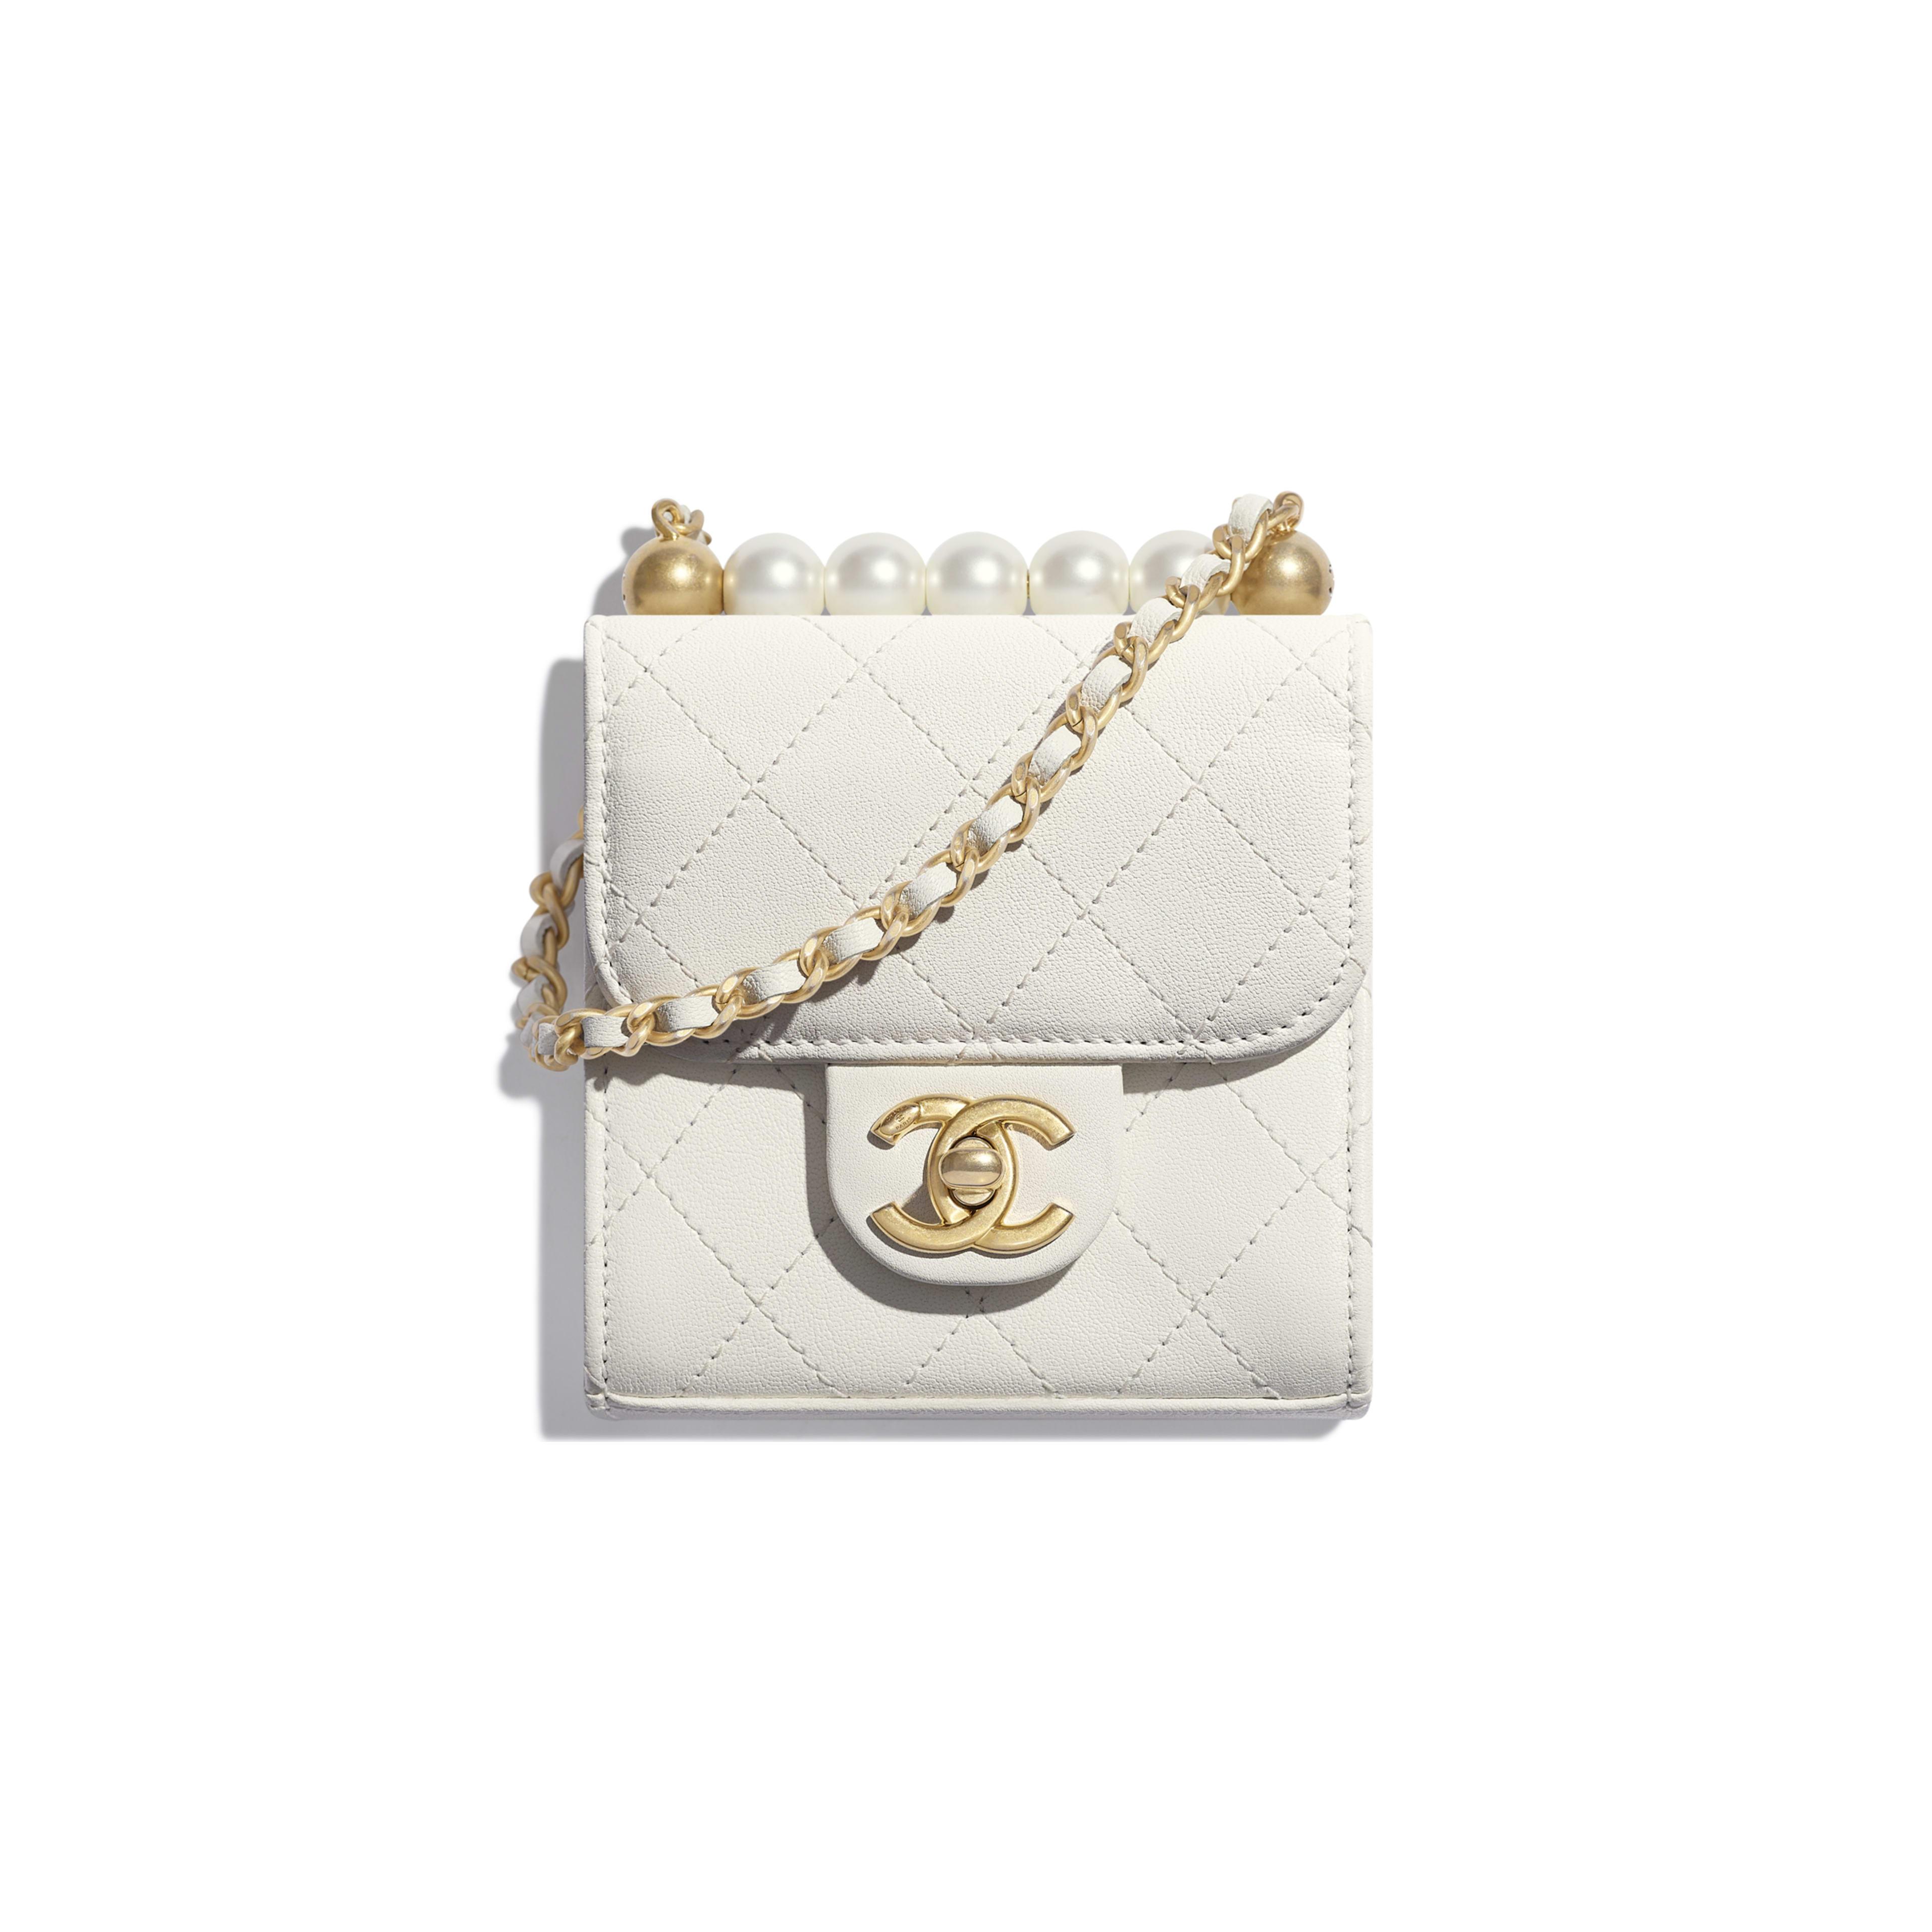 กระเป๋าคลัทช์พร้อมสายโซ่ - สีขาว - หนังแพะ, มุกสังเคราะห์ และโลหะสีทอง - มุมมองปัจจุบัน - ดูเวอร์ชันขนาดเต็ม